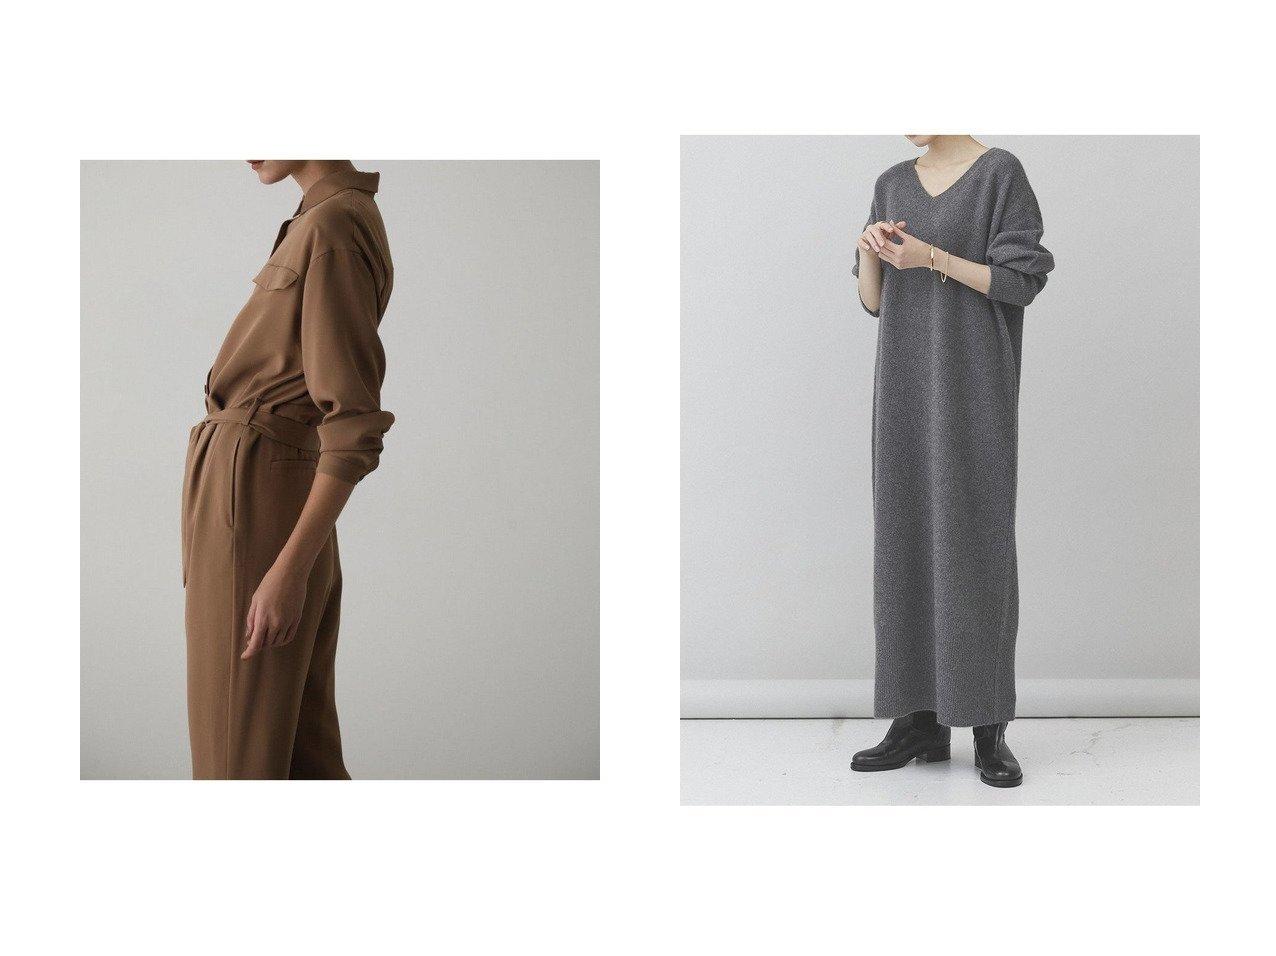 【Curensology/カレンソロジー】のヤクロングニットワンピース&【RIM.ARK/リムアーク】のRelax loose all-in-オールインワン ワンピース・ドレスのおすすめ!人気、レディースファッションの通販  おすすめで人気のファッション通販商品 インテリア・家具・キッズファッション・メンズファッション・レディースファッション・服の通販 founy(ファニー) https://founy.com/ ファッション Fashion レディース WOMEN ワンピース Dress オールインワン ワンピース All In One Dress ニットワンピース Knit Dresses アクセサリー インナー サテン タートルネック ラグジュアリー マキシ ロング 防寒  ID:crp329100000000141